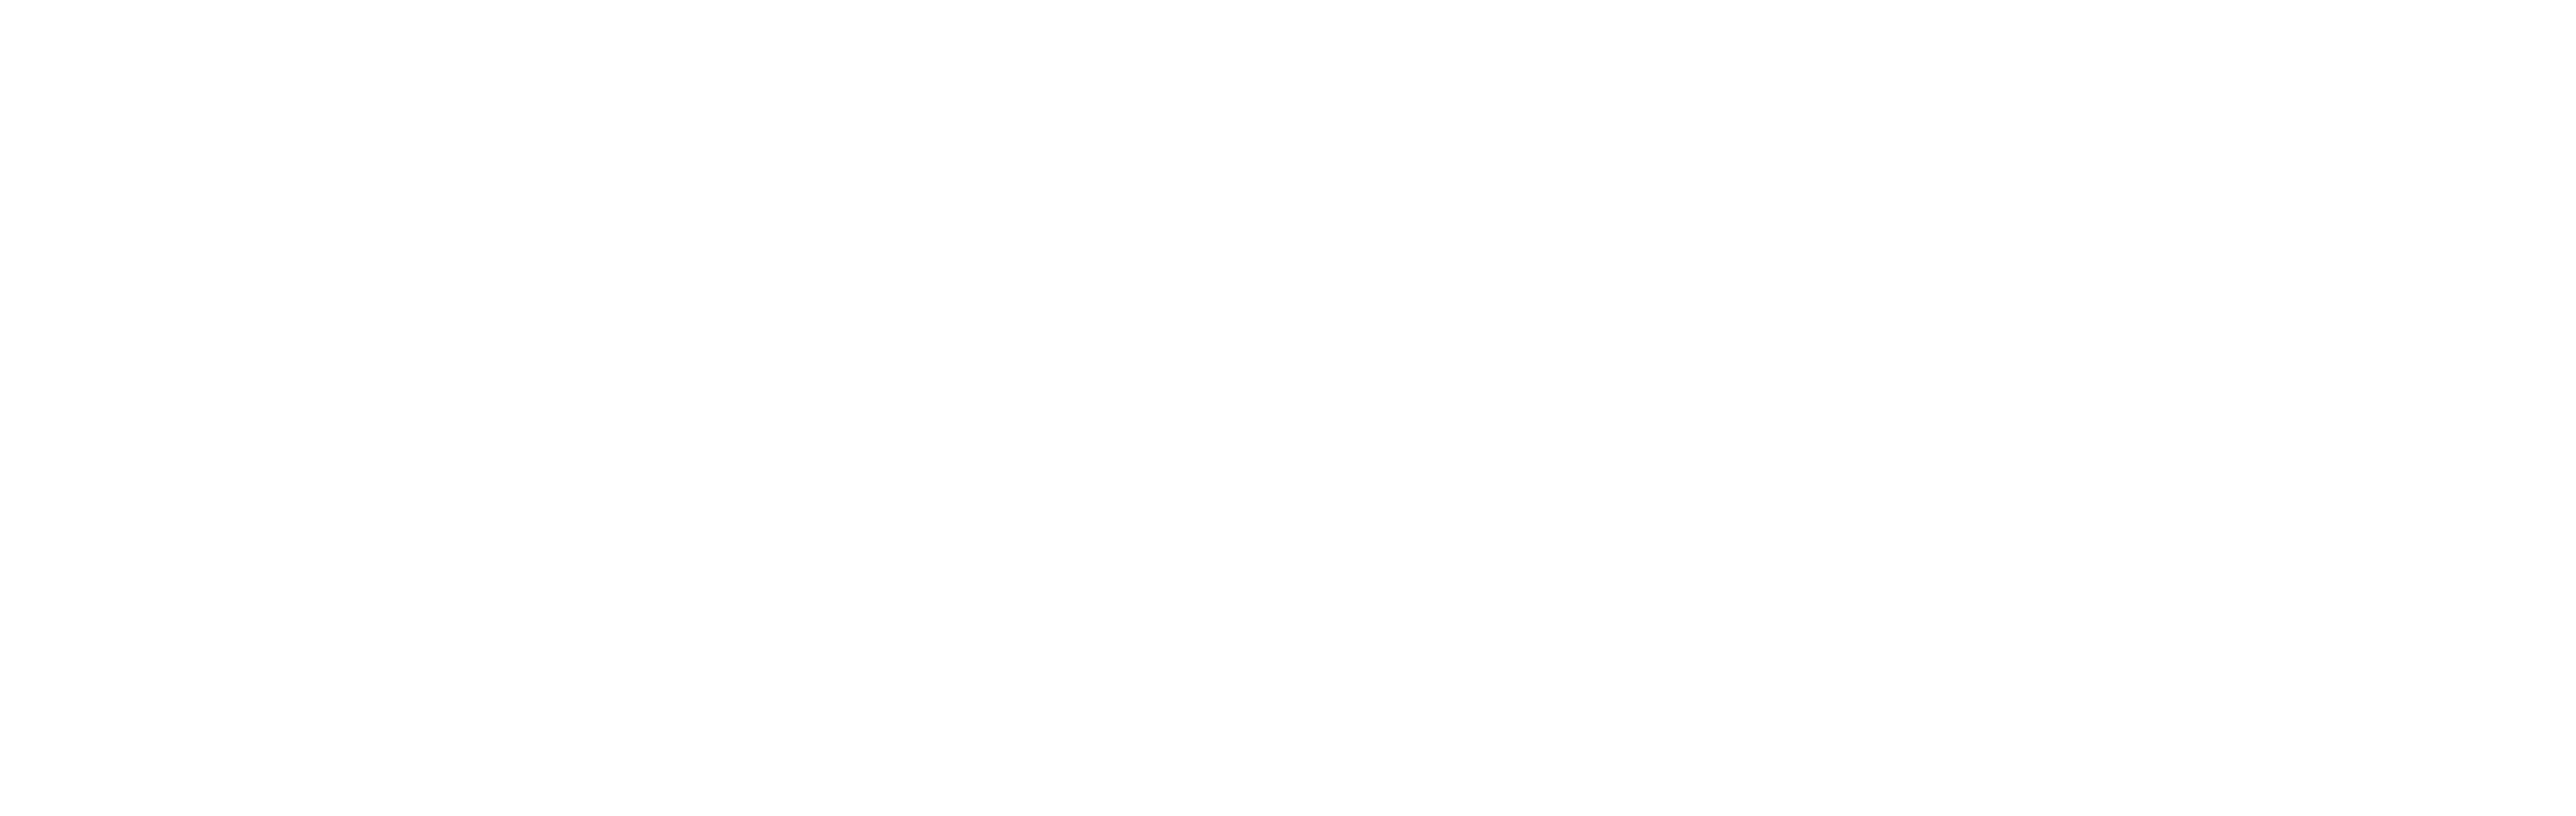 Maryland DeMolay